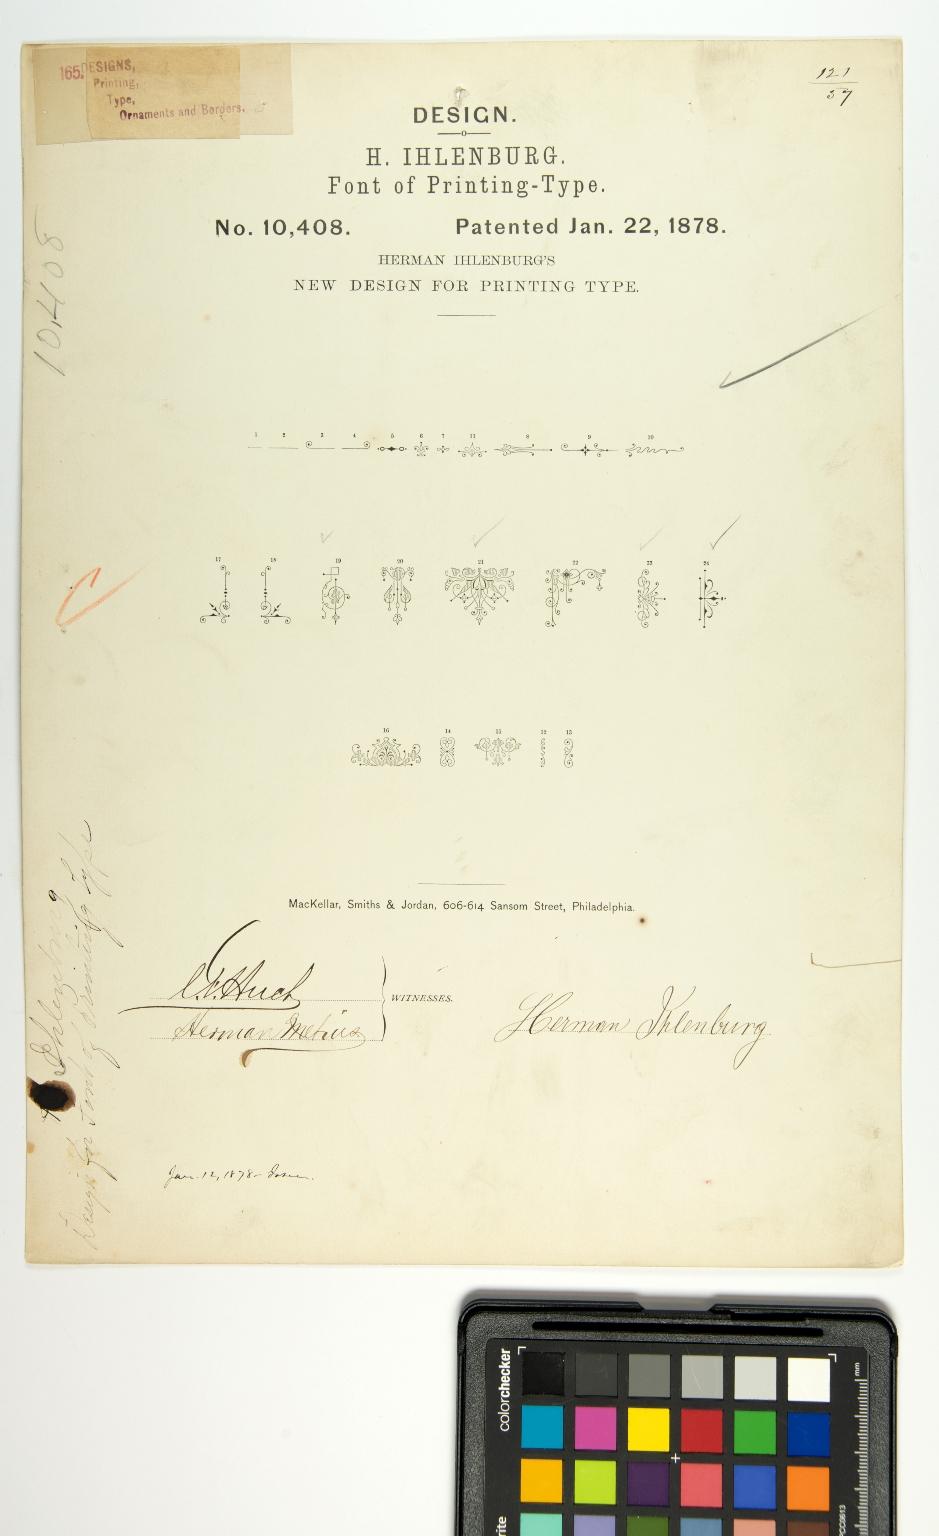 H. Ihlenburg, Font of Printing-Type